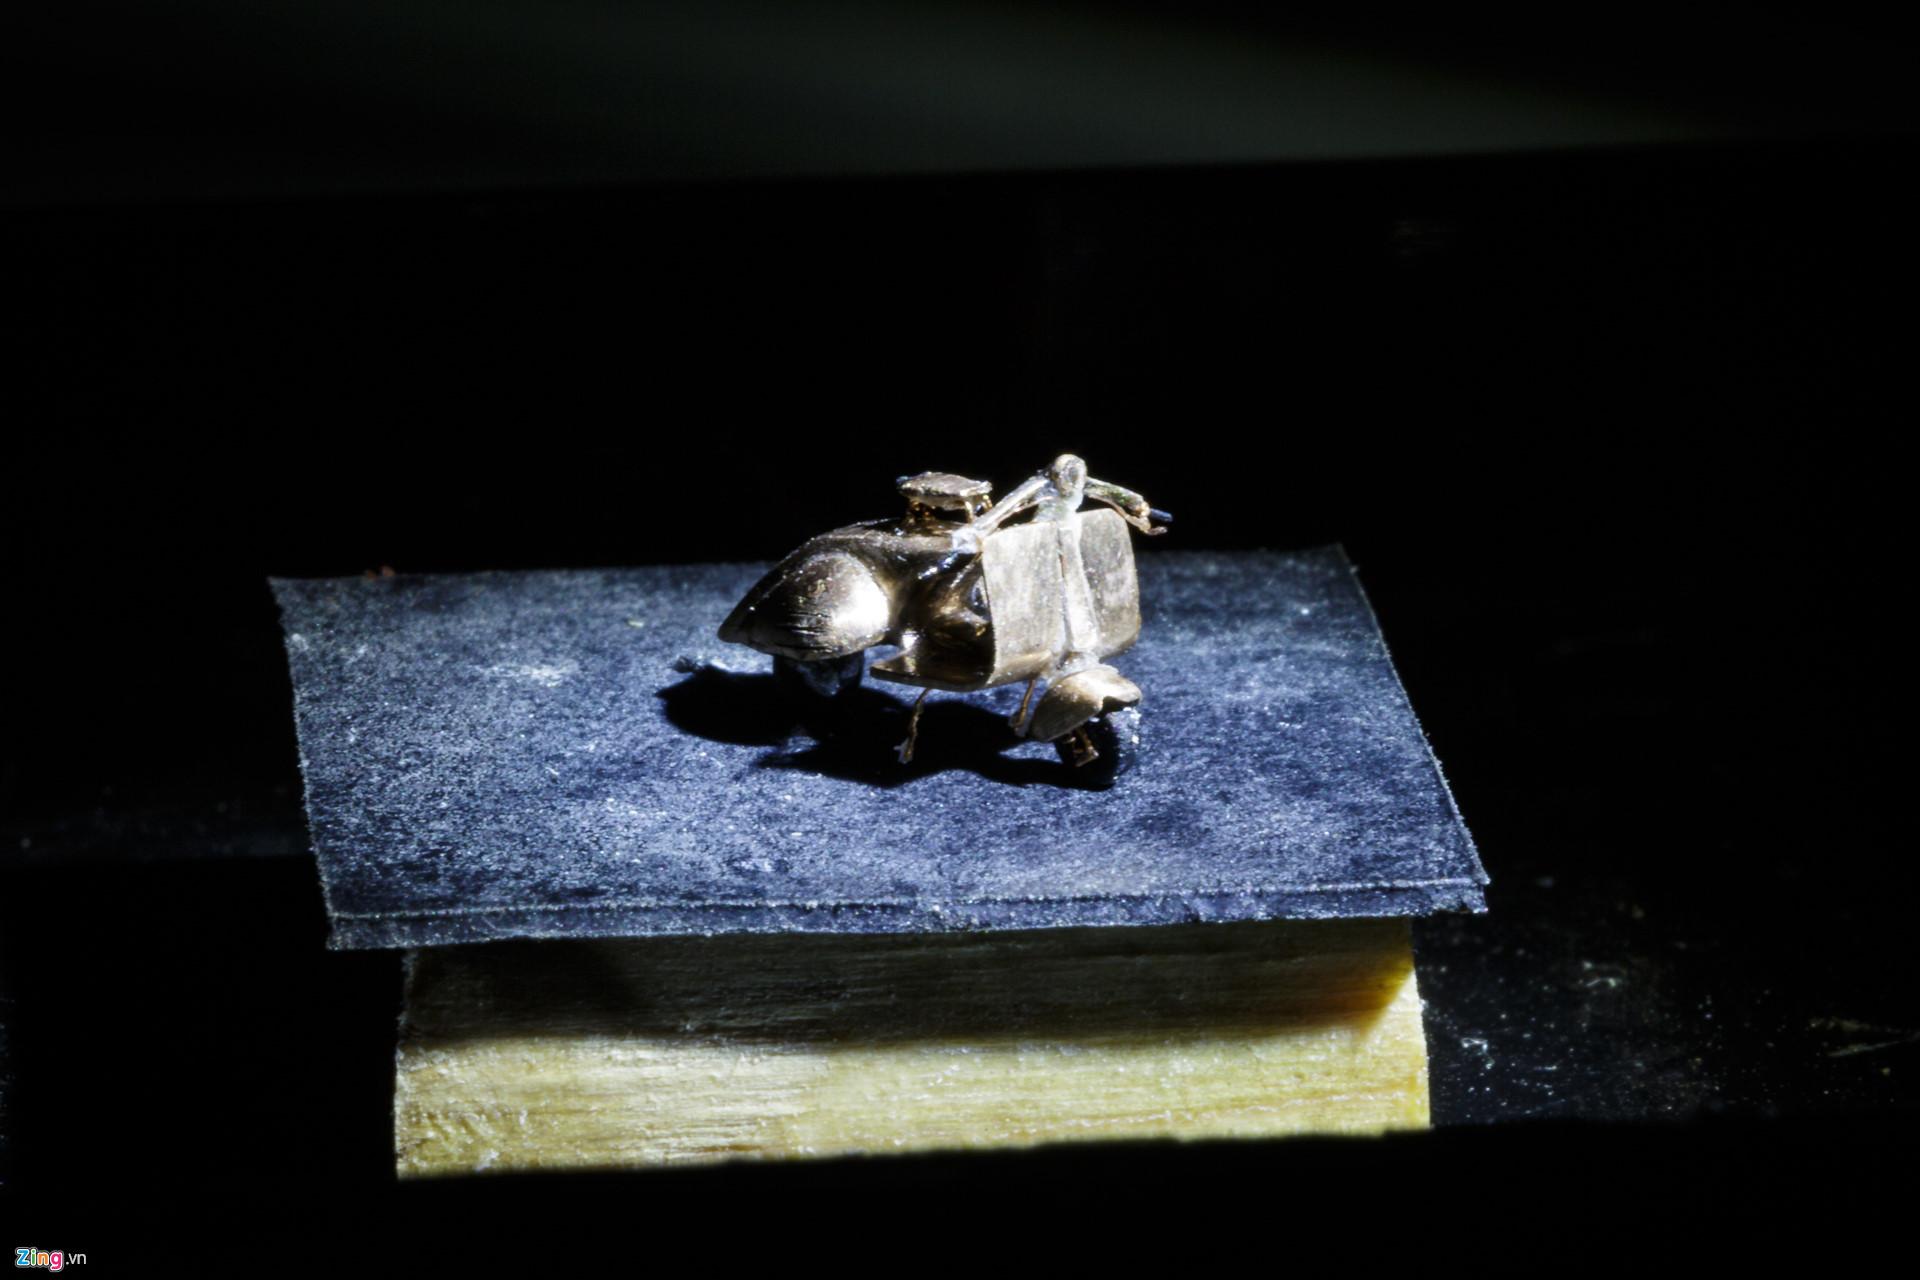 Chất liệu để ông Nam làm nên những mô hình hoàn toàn là những nguyên liệu dễ kiếm, được ông Nam mua ở chợ Nhật Tảo (quận 10) như mạch điện, mùn cưa, cuộn dây biến thế hoặc các kim loại như vàng, bạc, đồng, titan... đối với các mô hình quý giá.